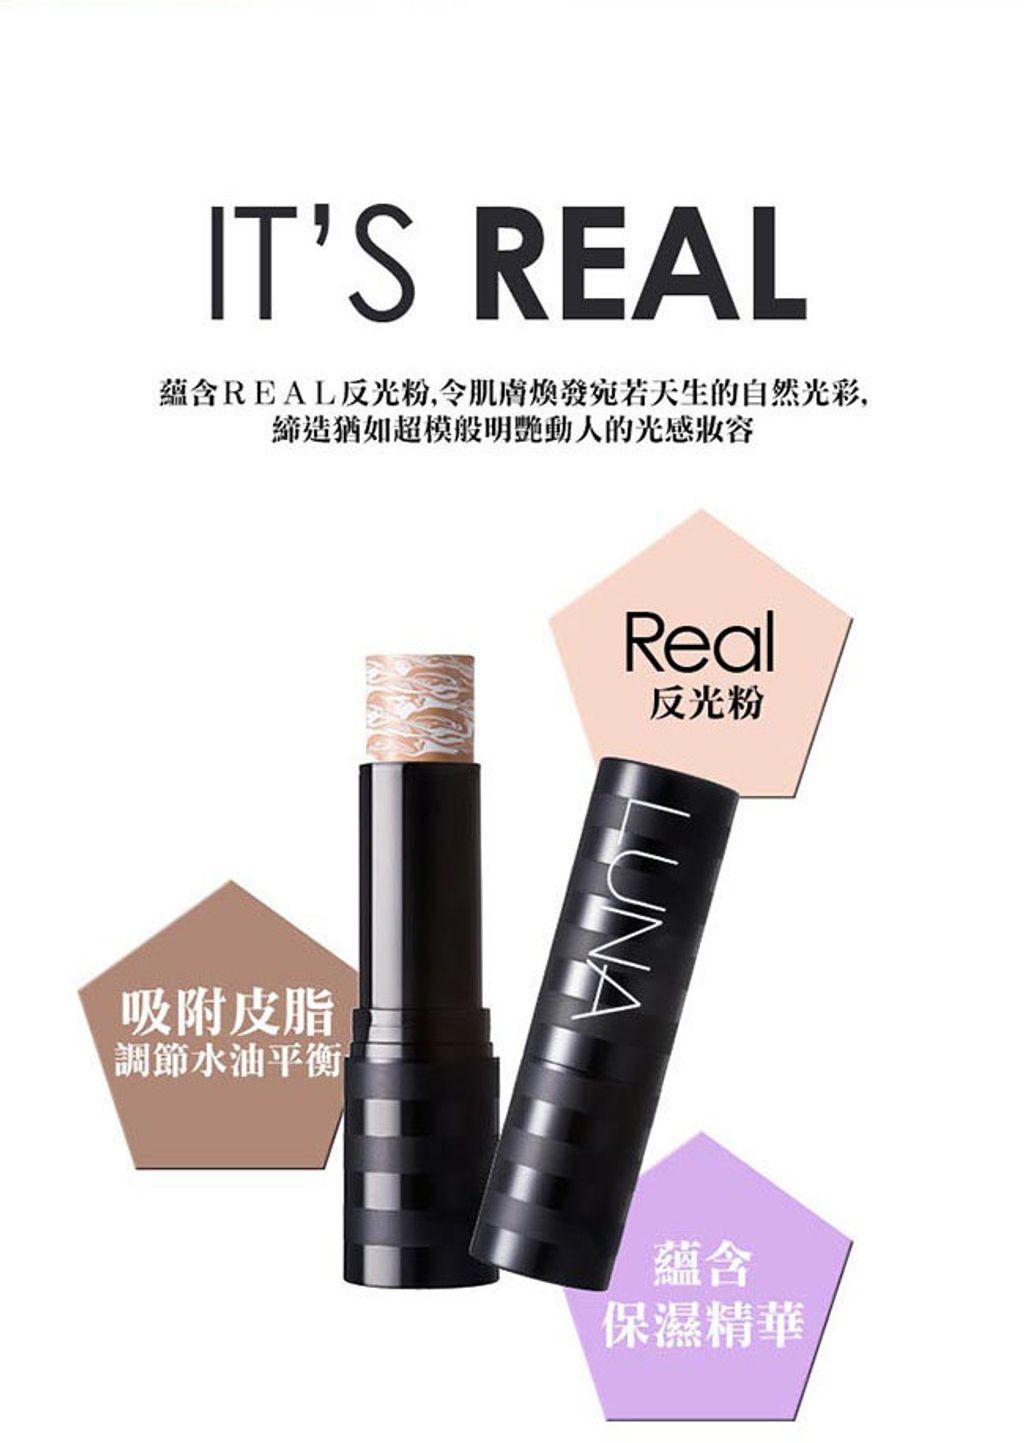 【韓國LUNA】多效亮顏美肌粉底棒+粉刷套裝組合-#21-白皙色-650_03.jpg